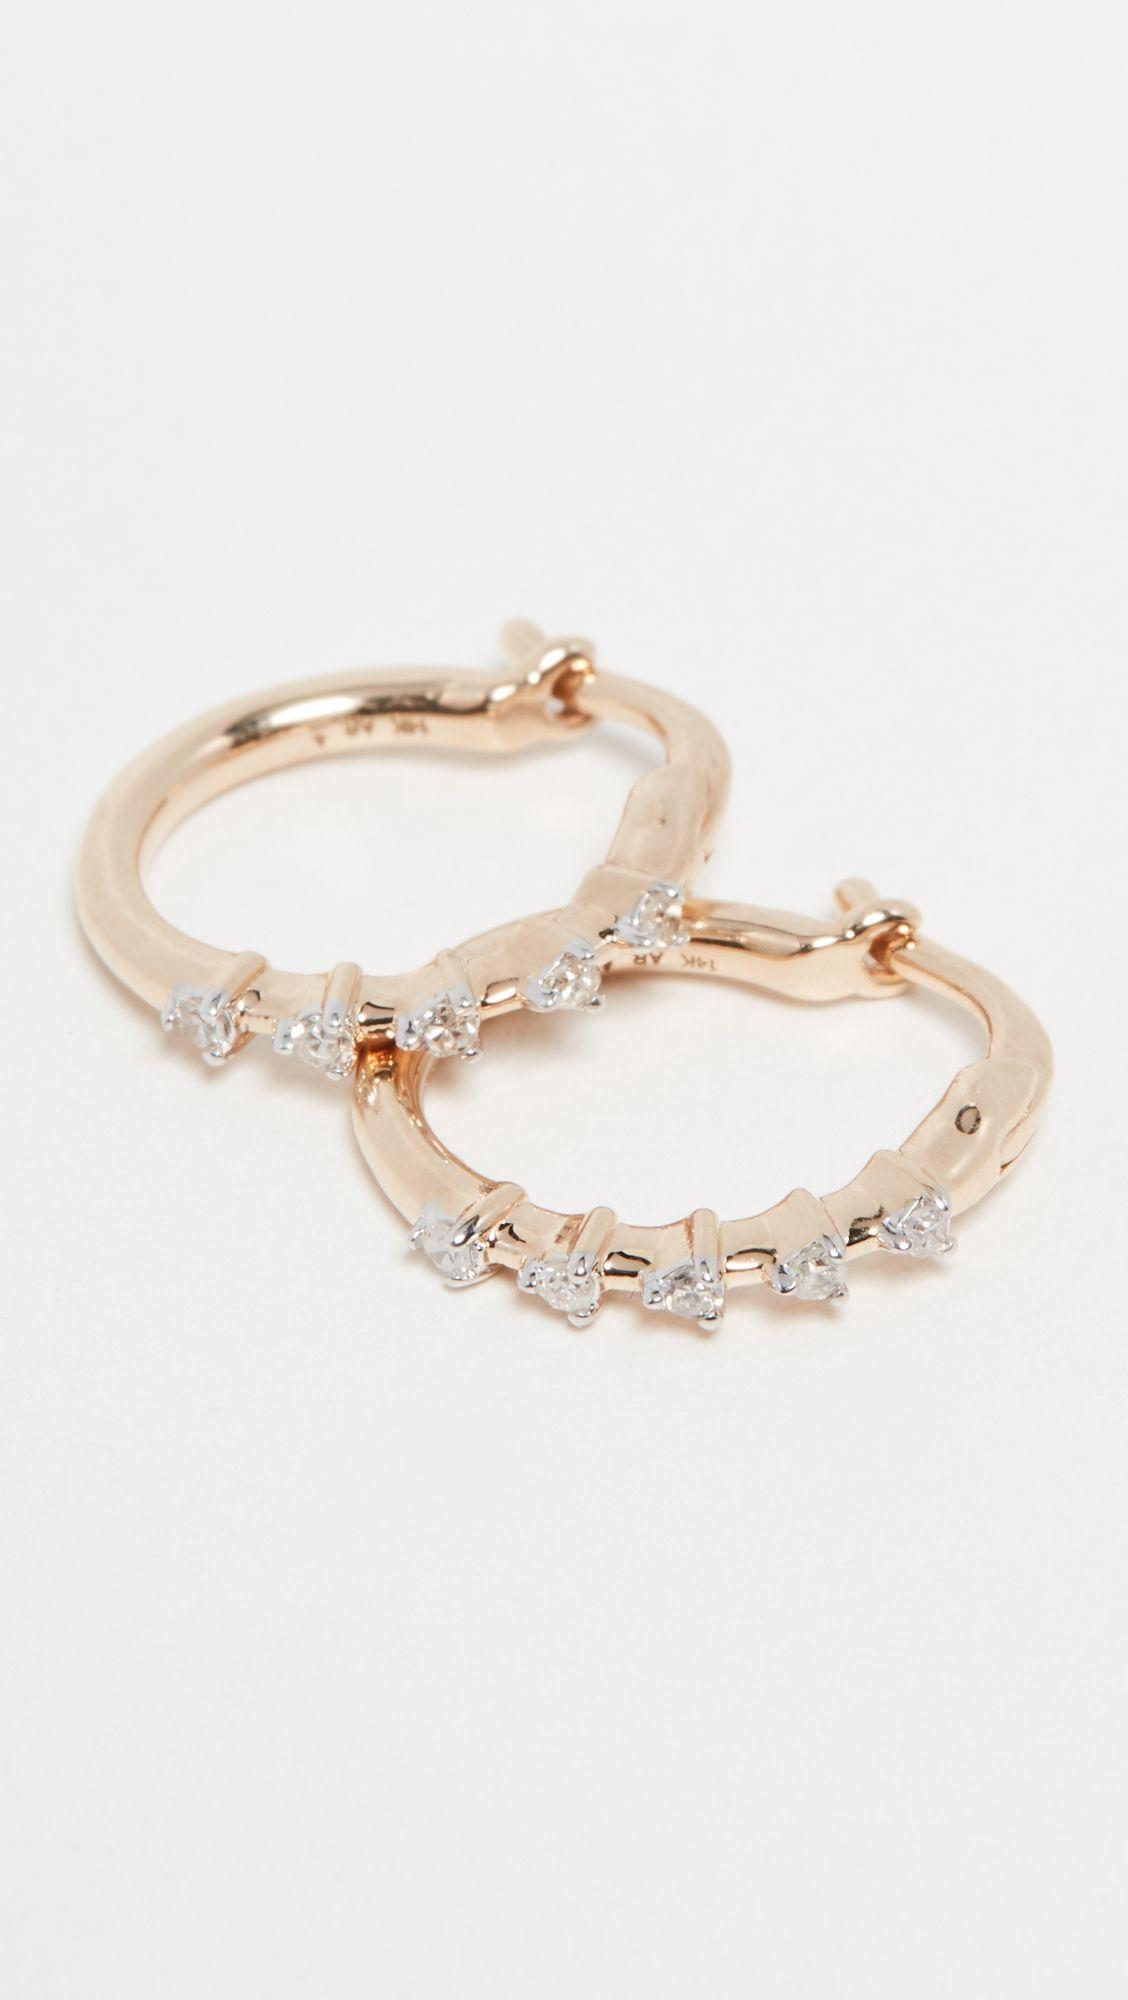 eef288632 Adina Reyter 14k Diamond Huggie Earrings in 2019 | Products ...